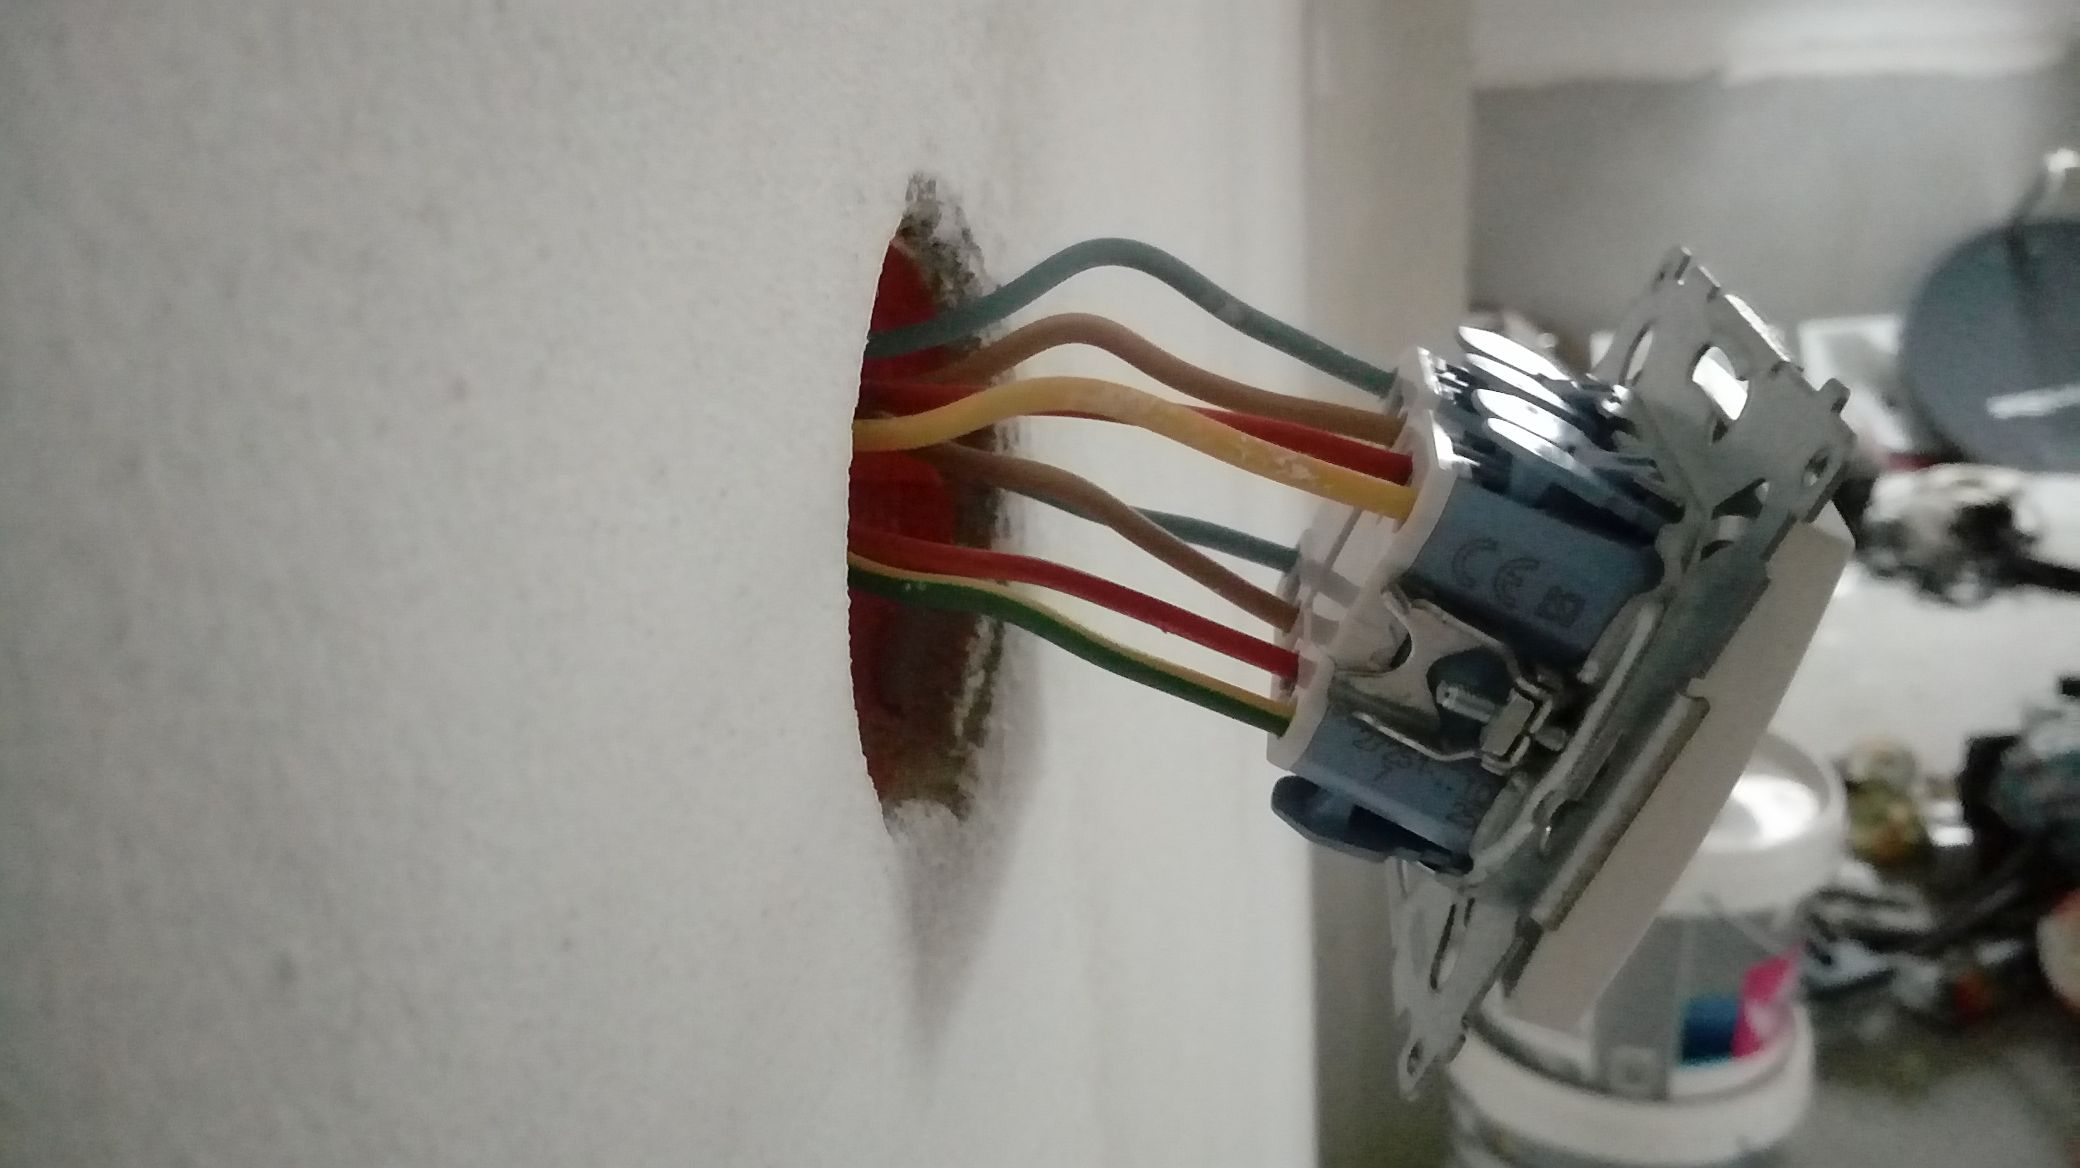 Realizacie Usług Elektrycznych (8)